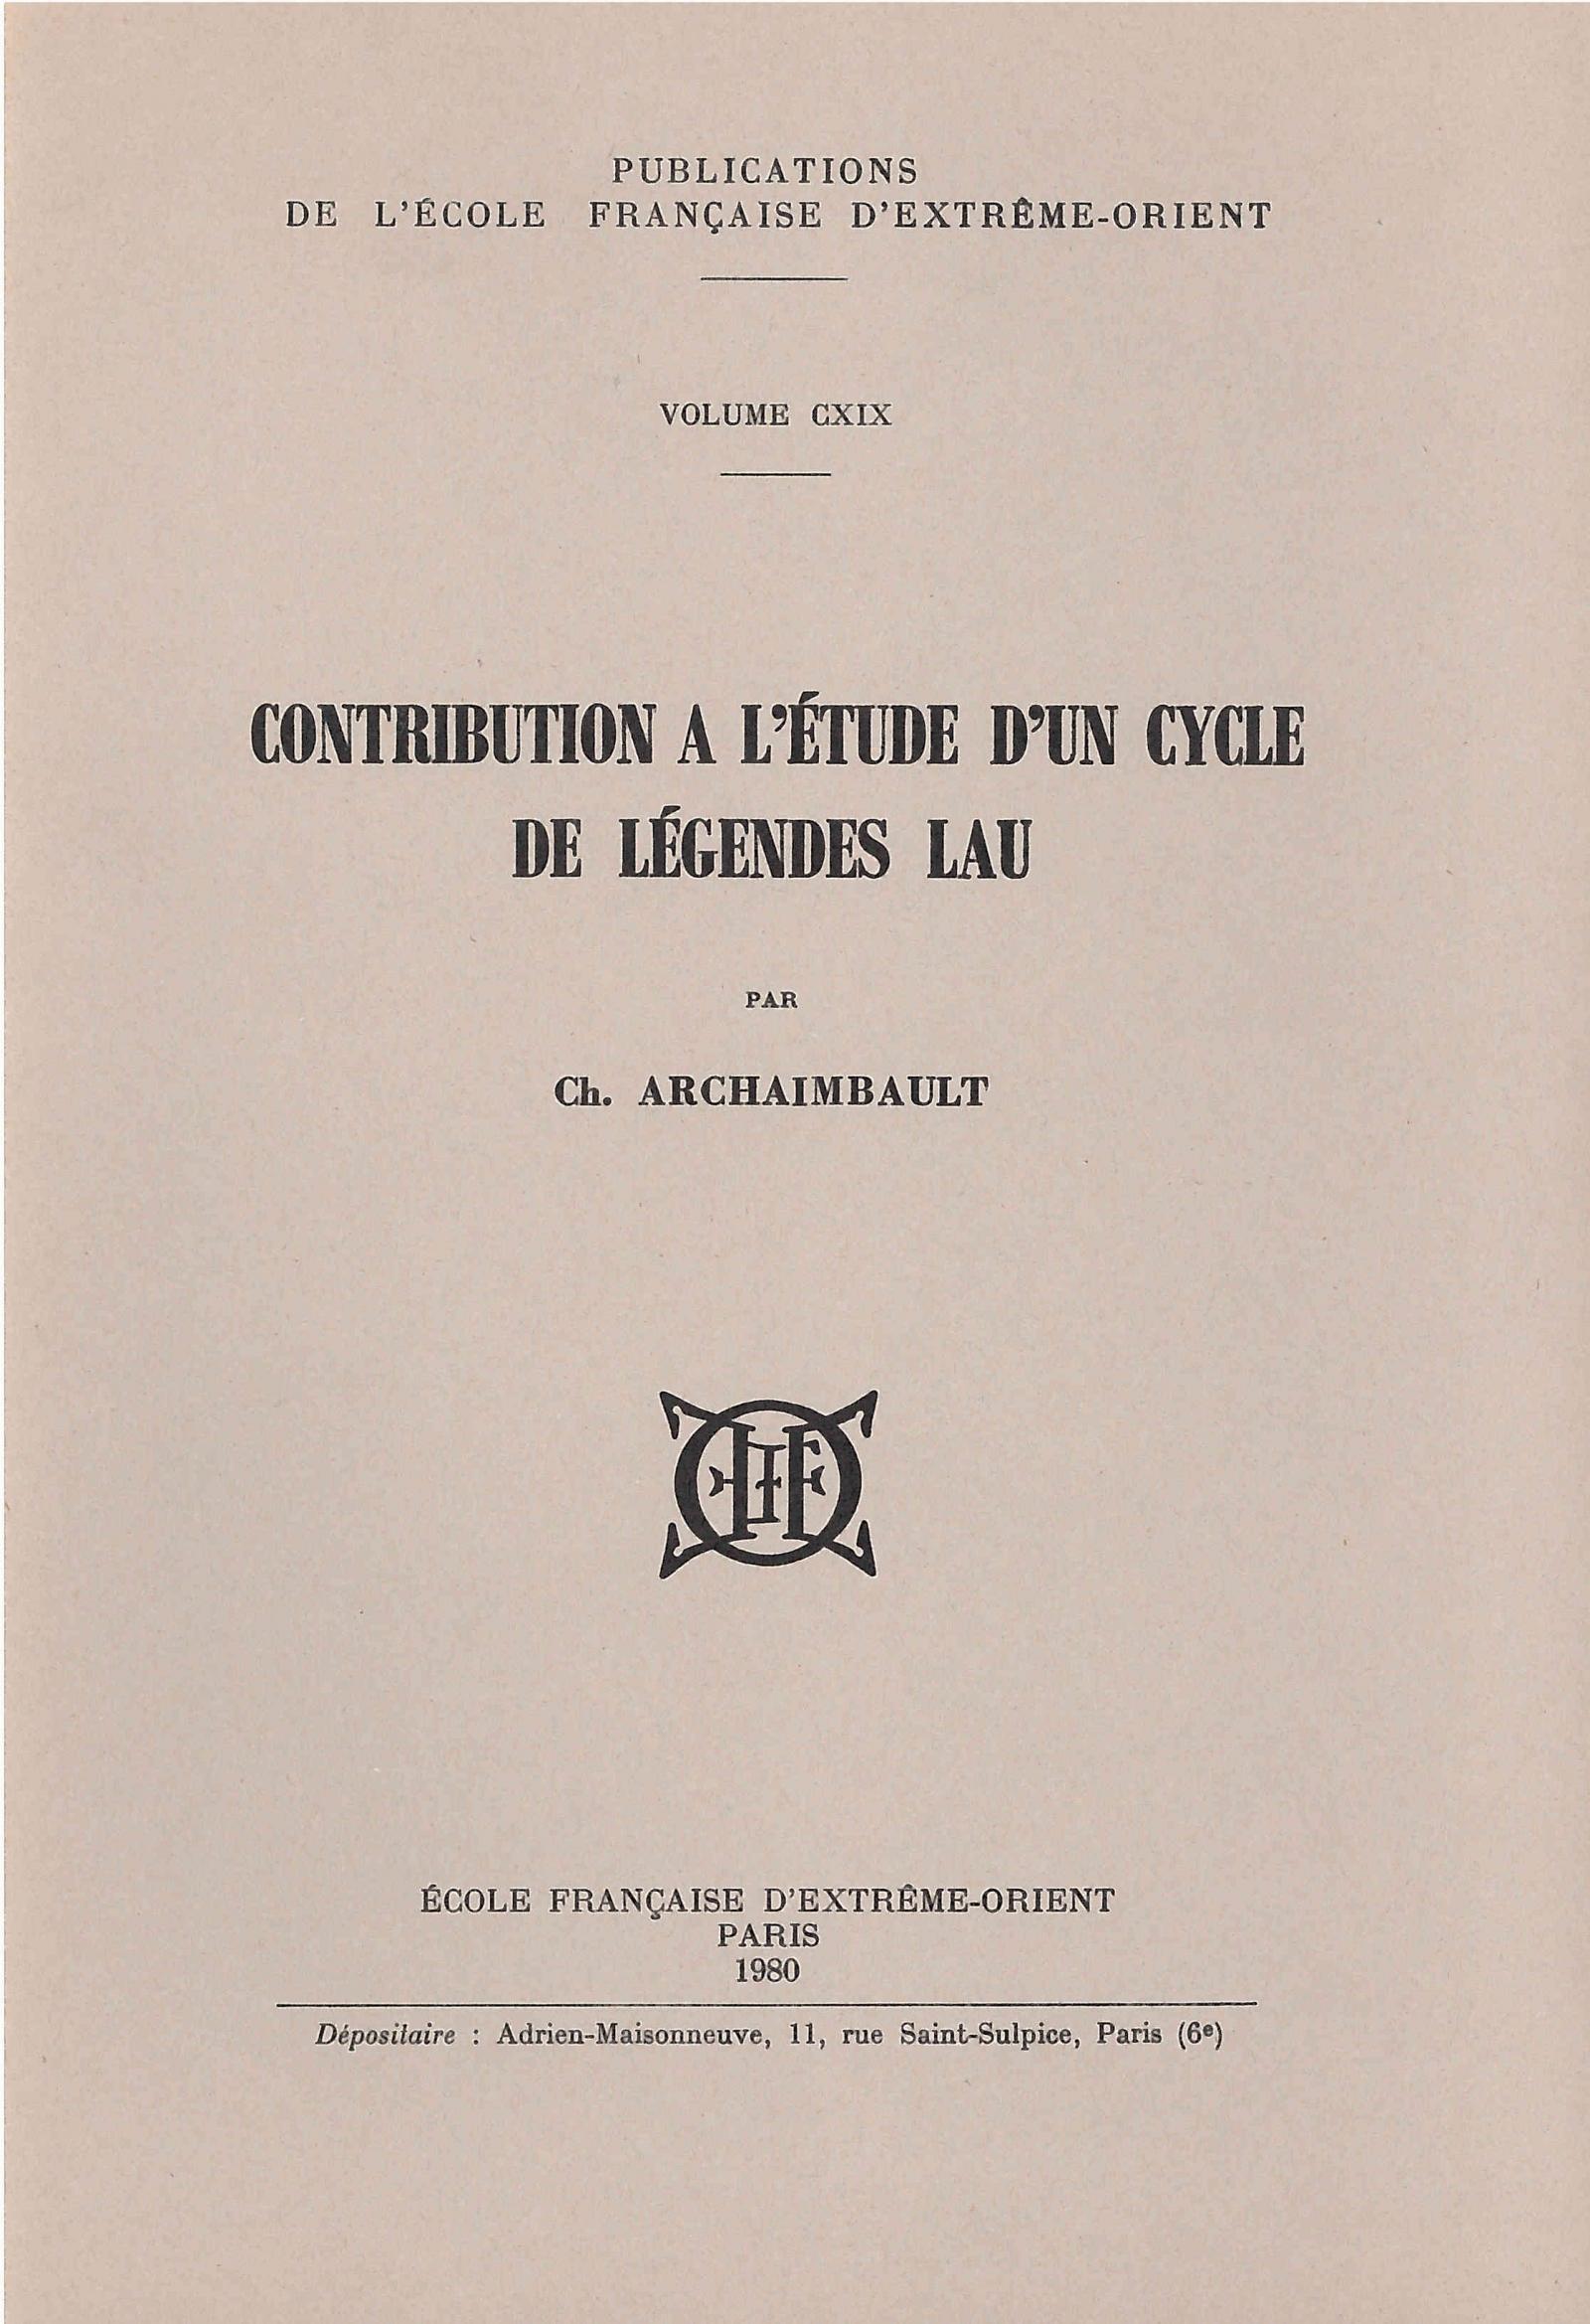 Contribution à l'étude d'un cycle de légendes Lau